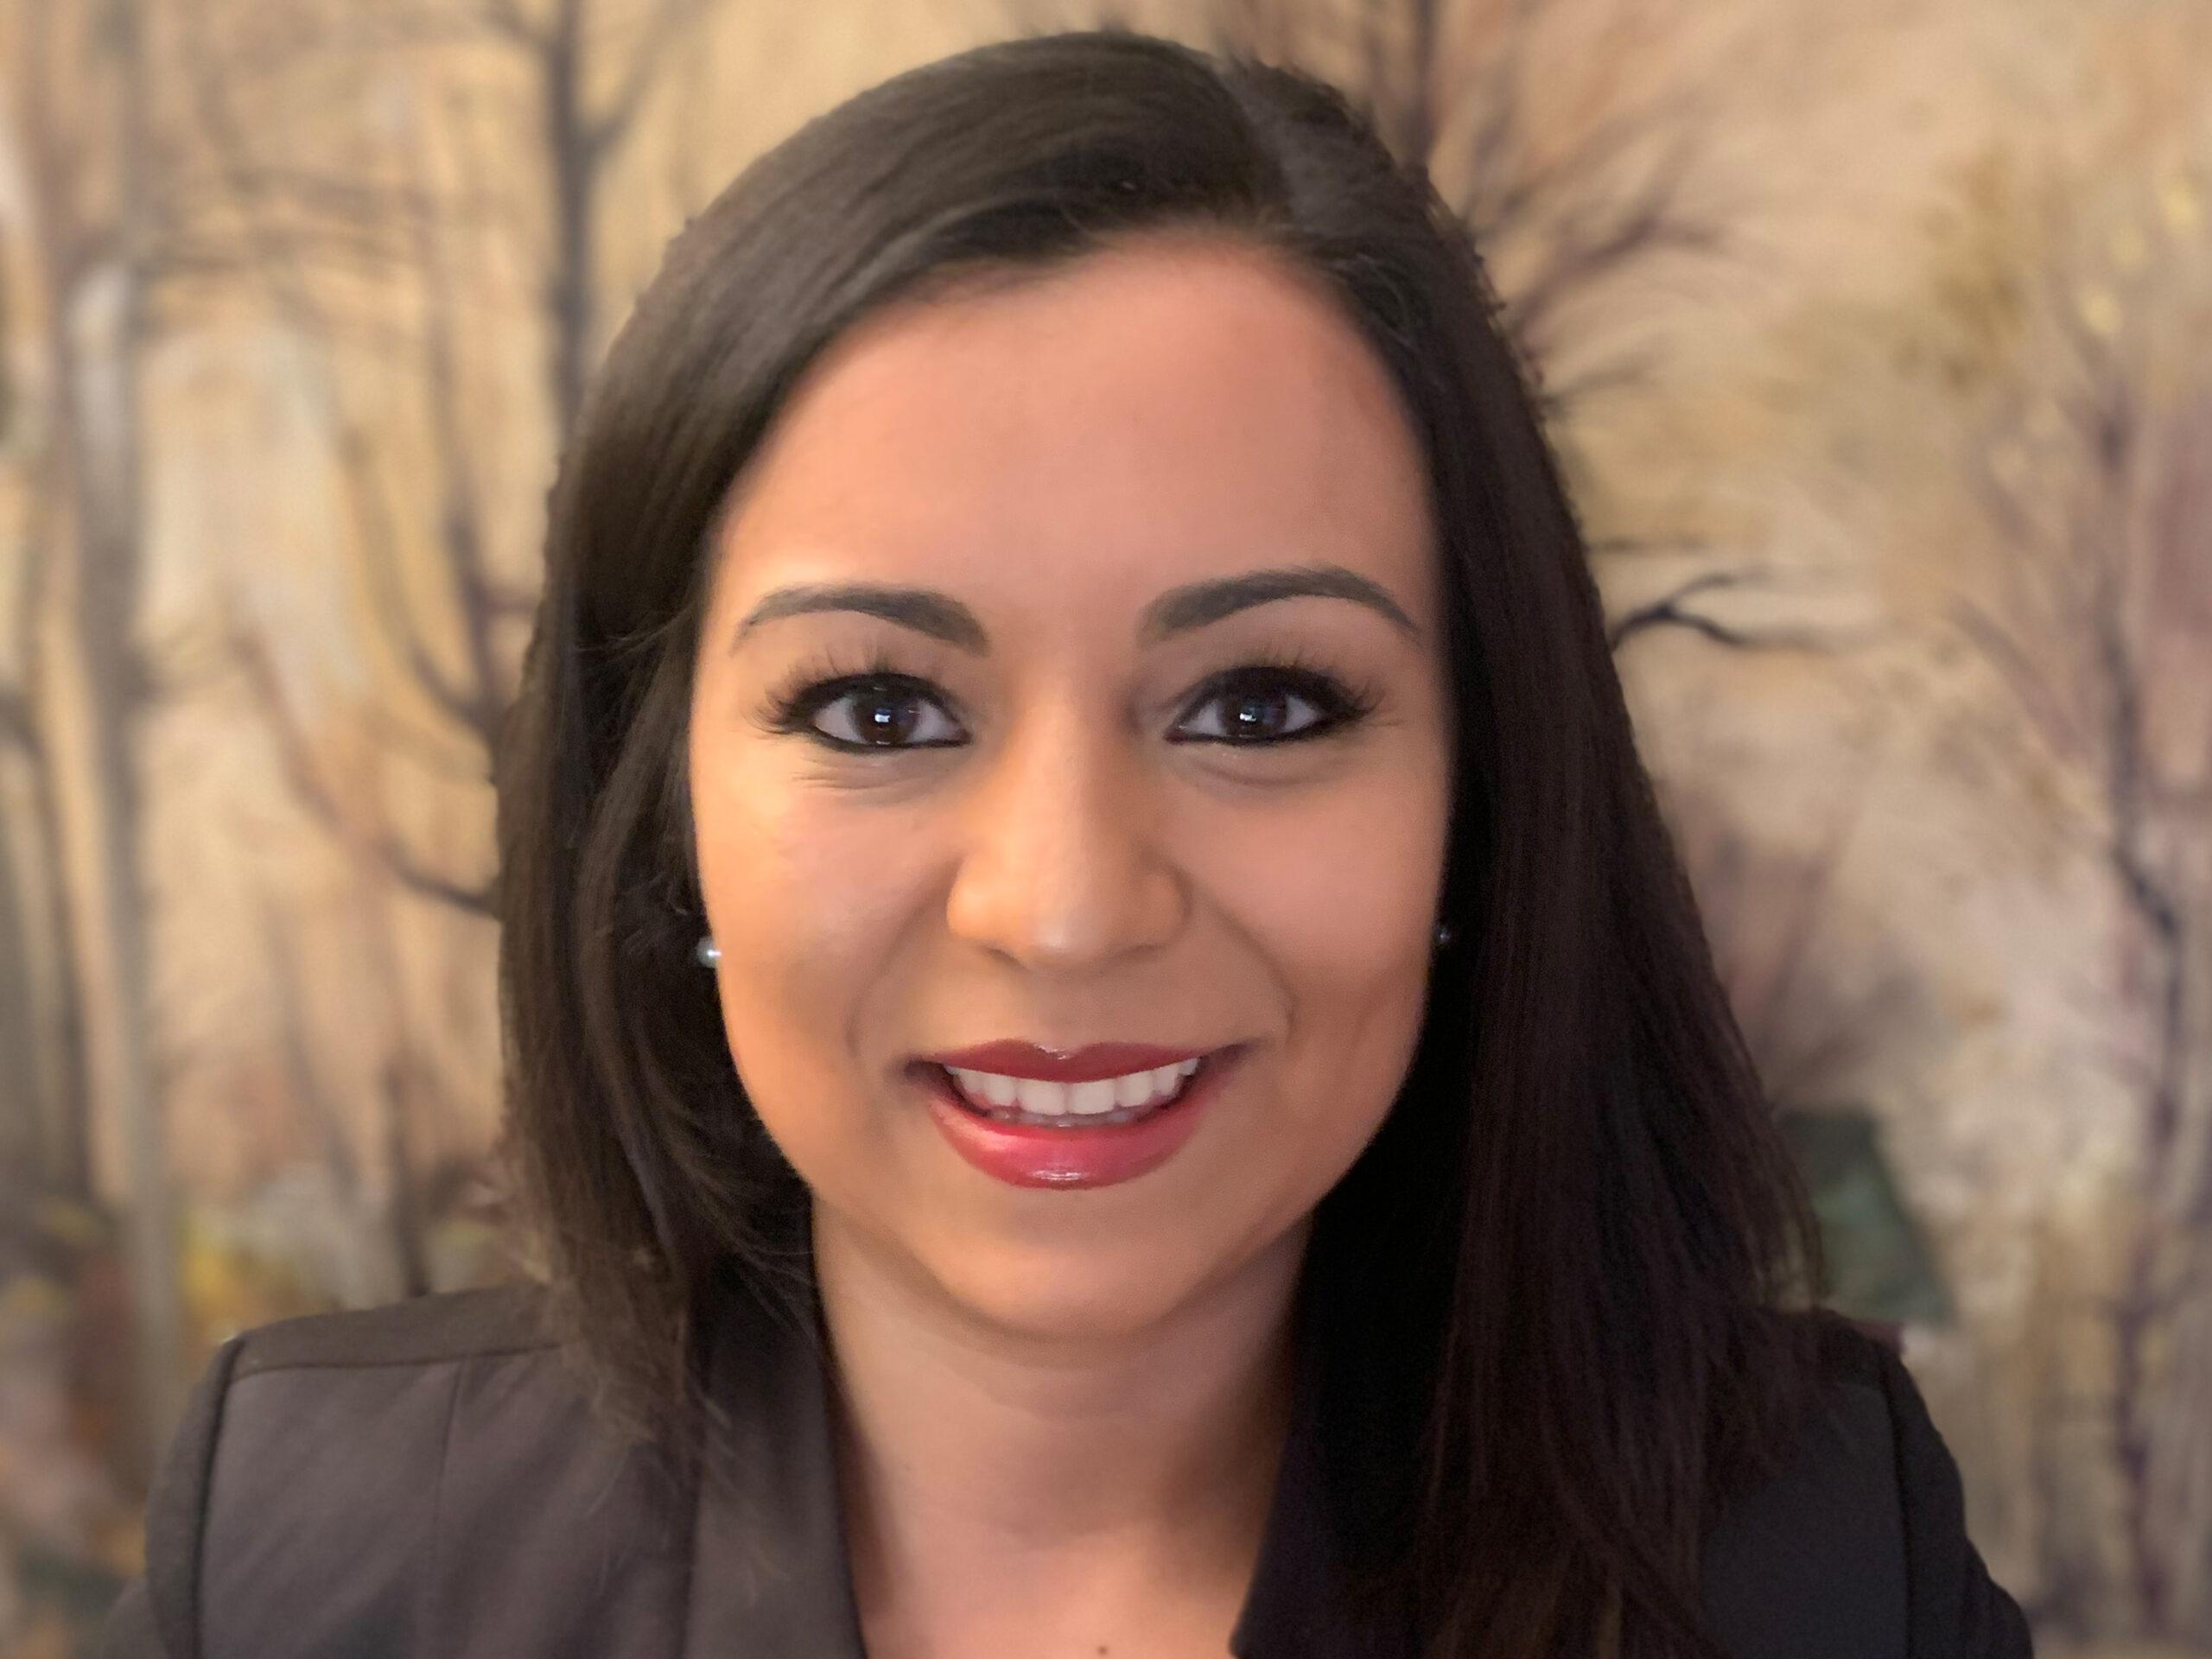 Ana Gabriela Juárez